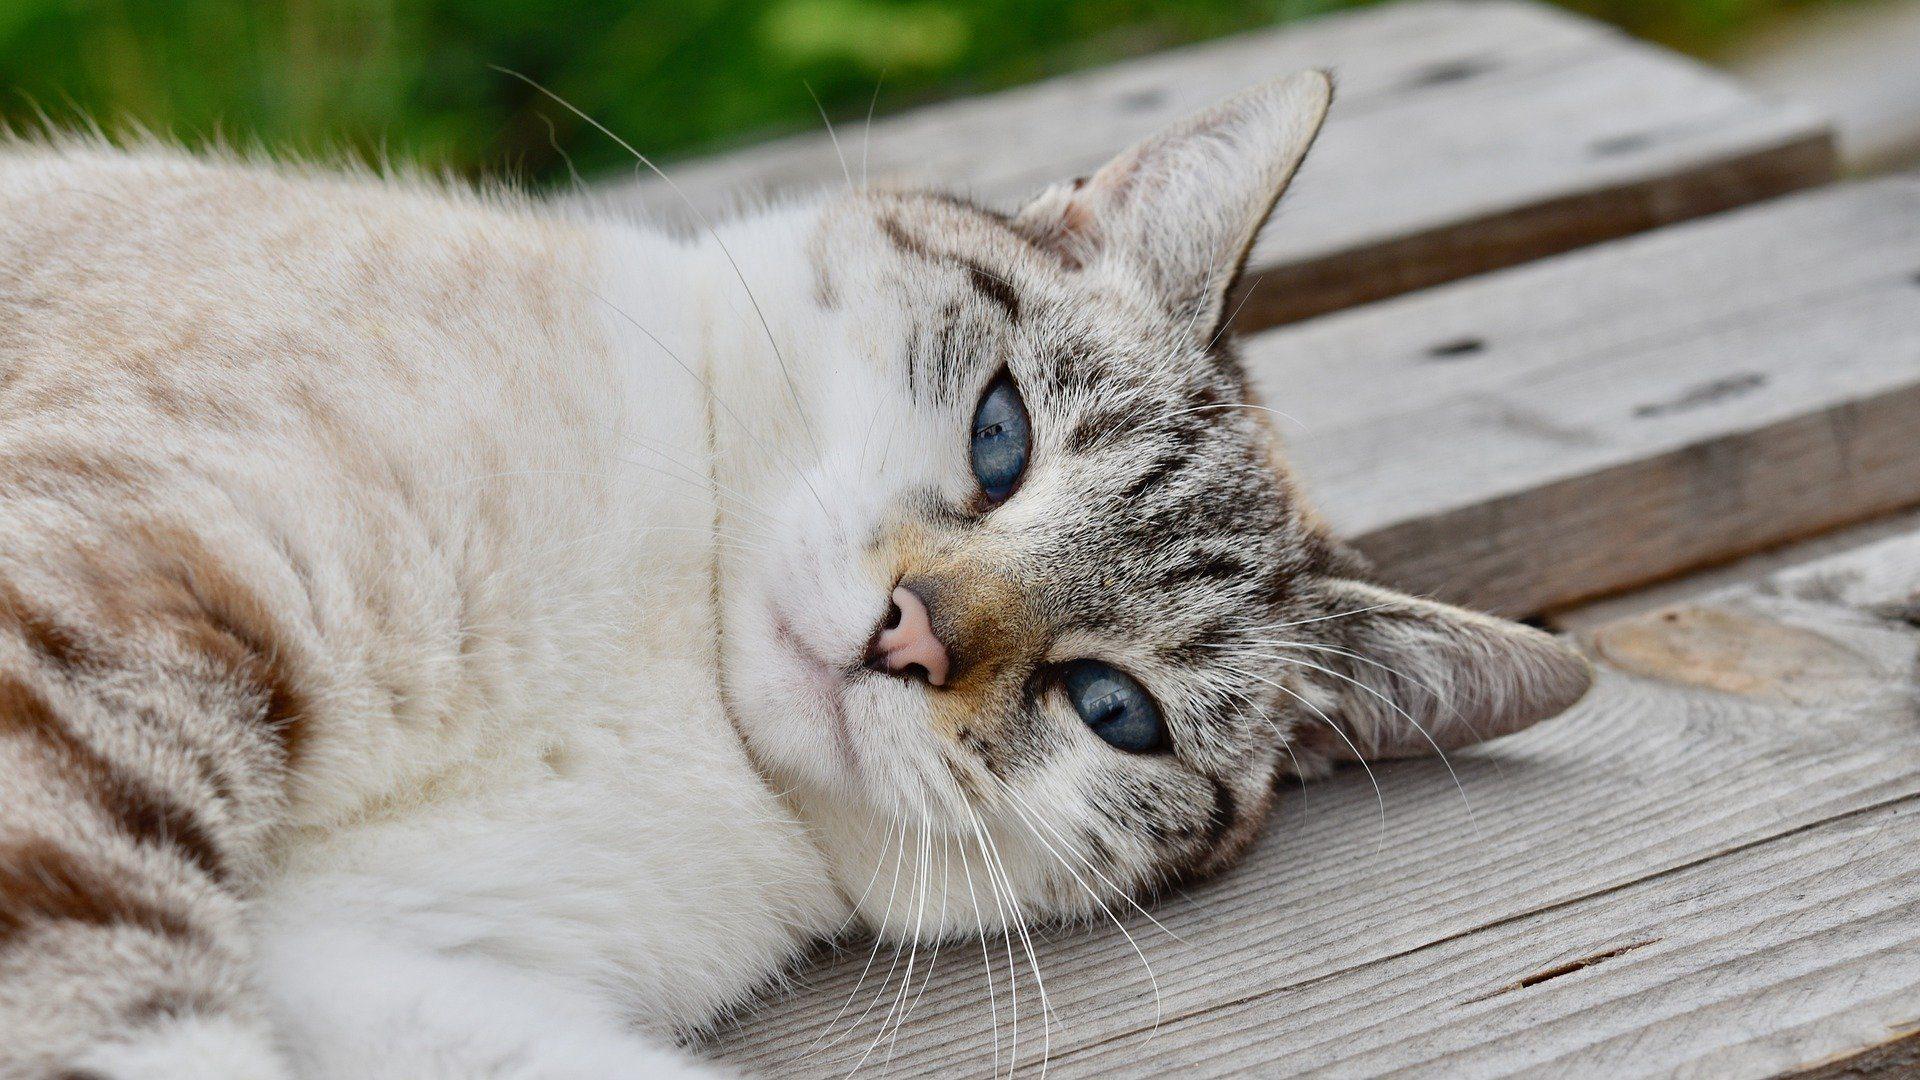 veginal-discharge-cat